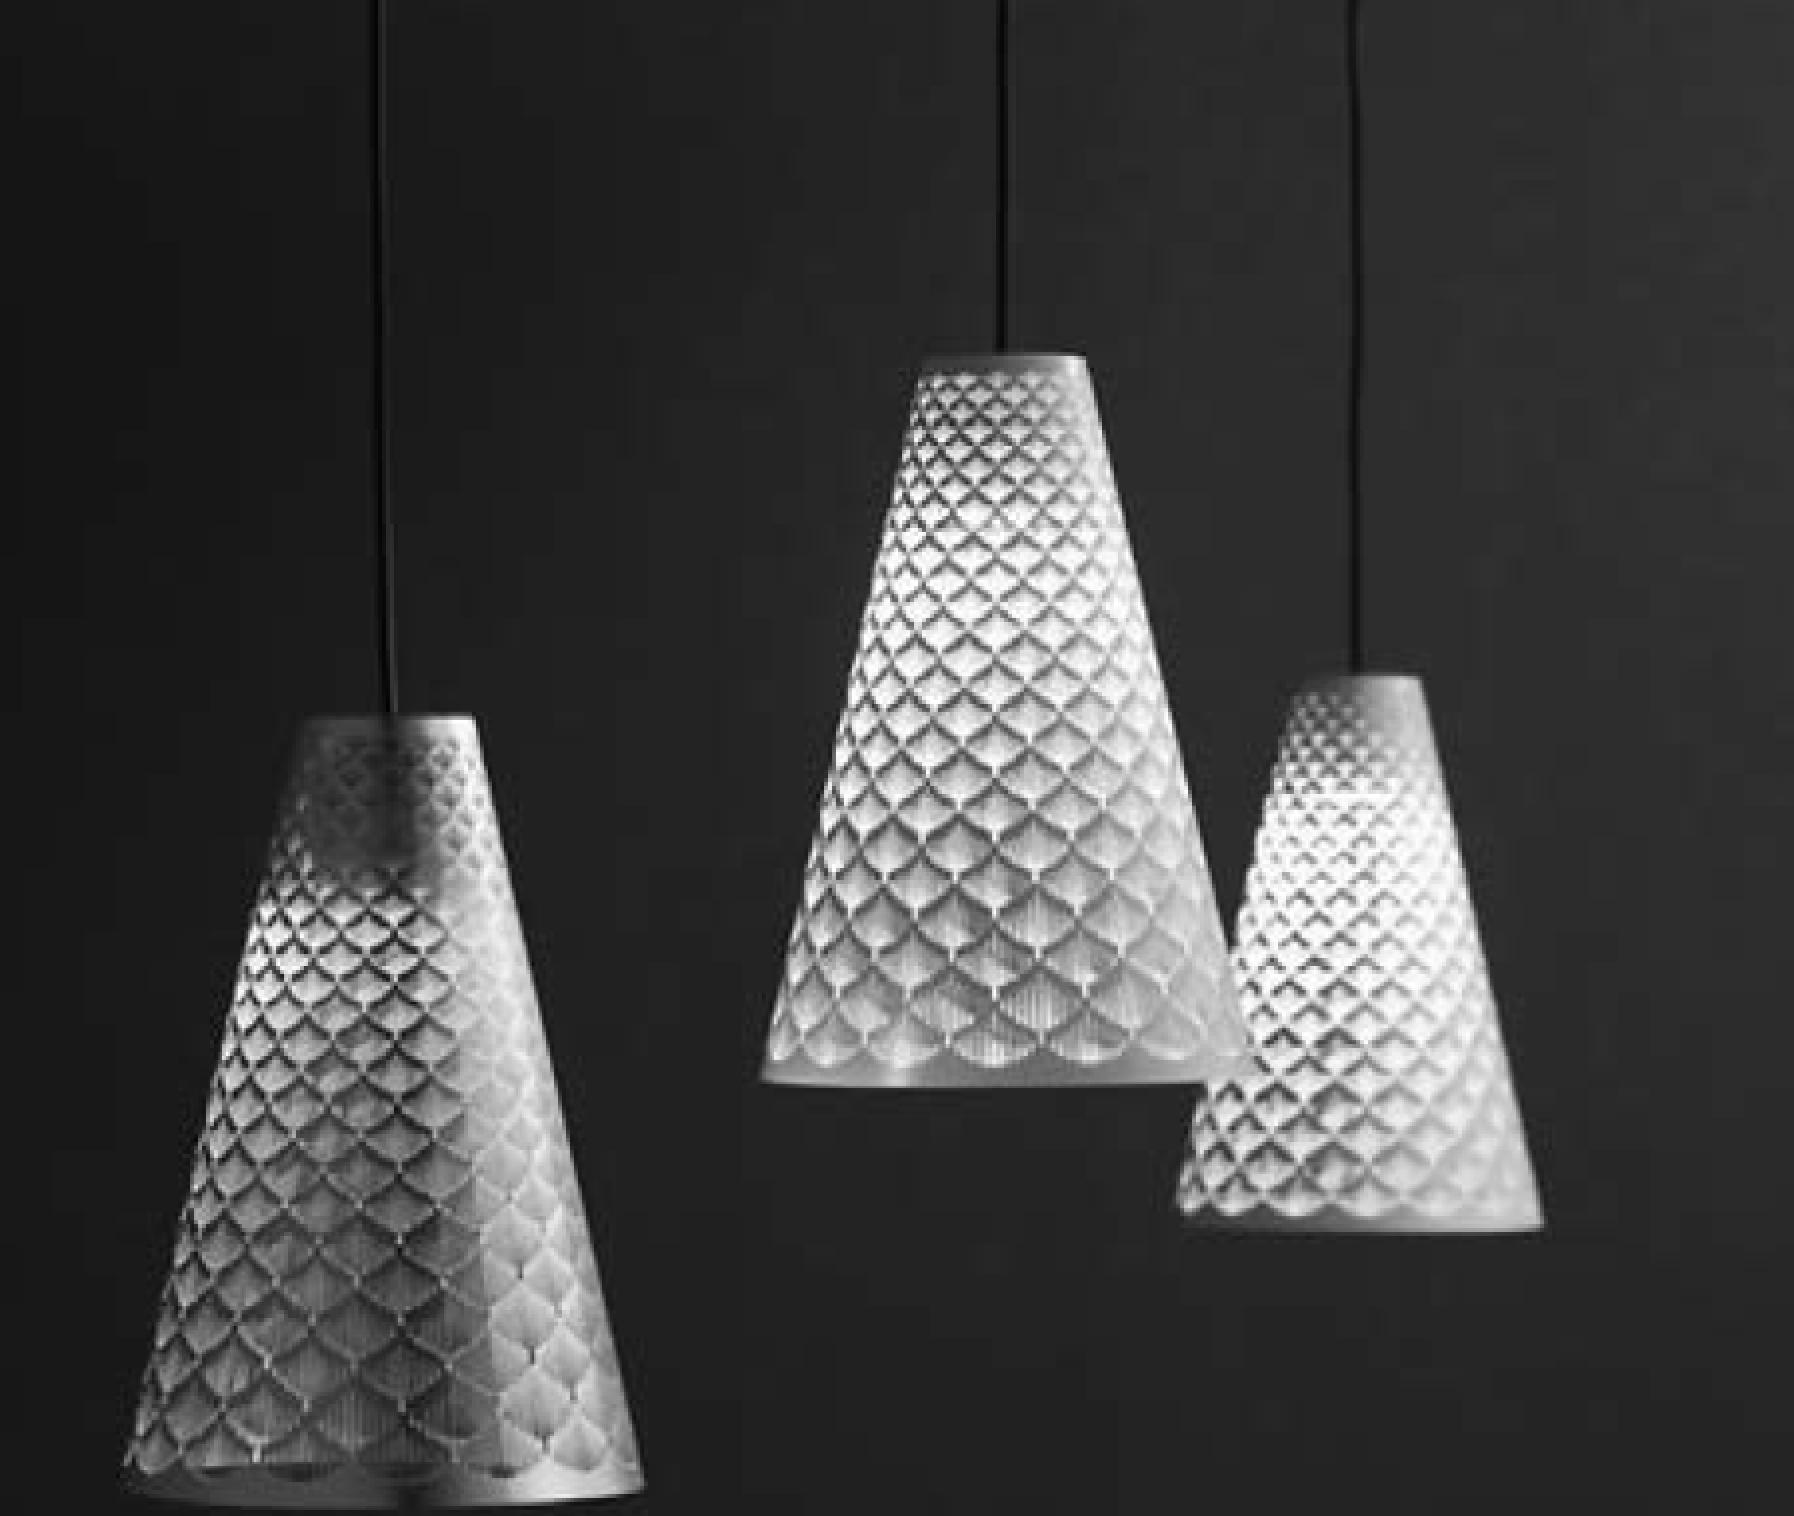 大光電機の「Lace metal」 iF DESIGN  AWARDの「プロダクト部門・照明」分野で iFデザイン賞を受賞の画像